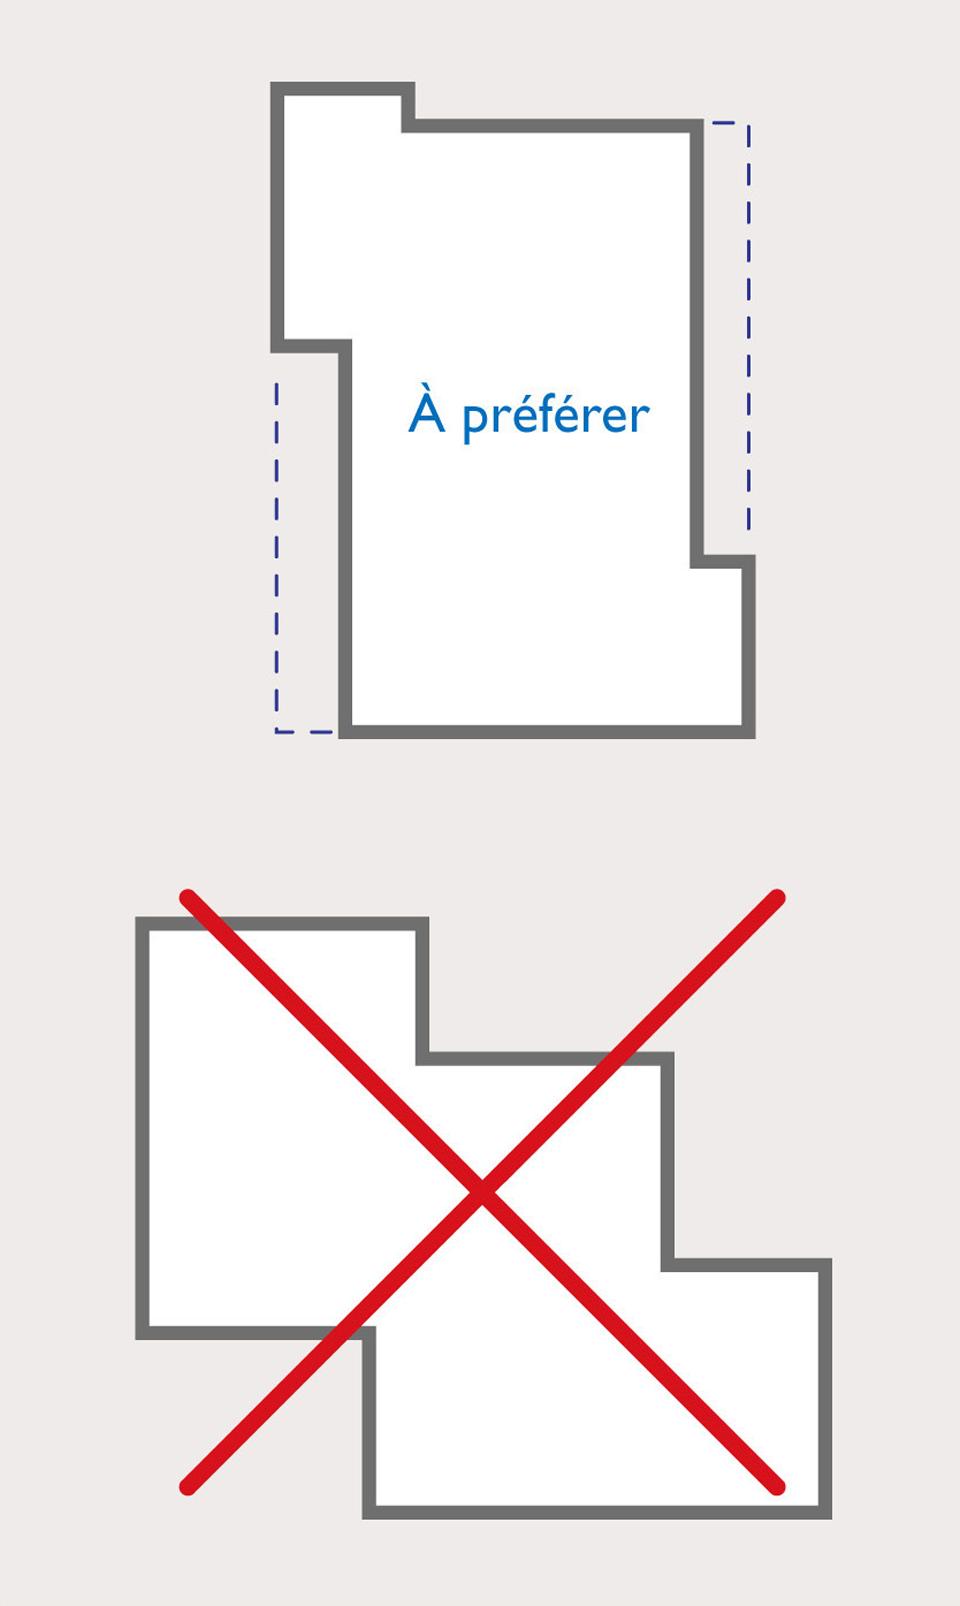 Schéma d'un plan régulier à préférer par rapport à un plan avec des décrochements pour la construction d'un bâtiment en zone de sismicité